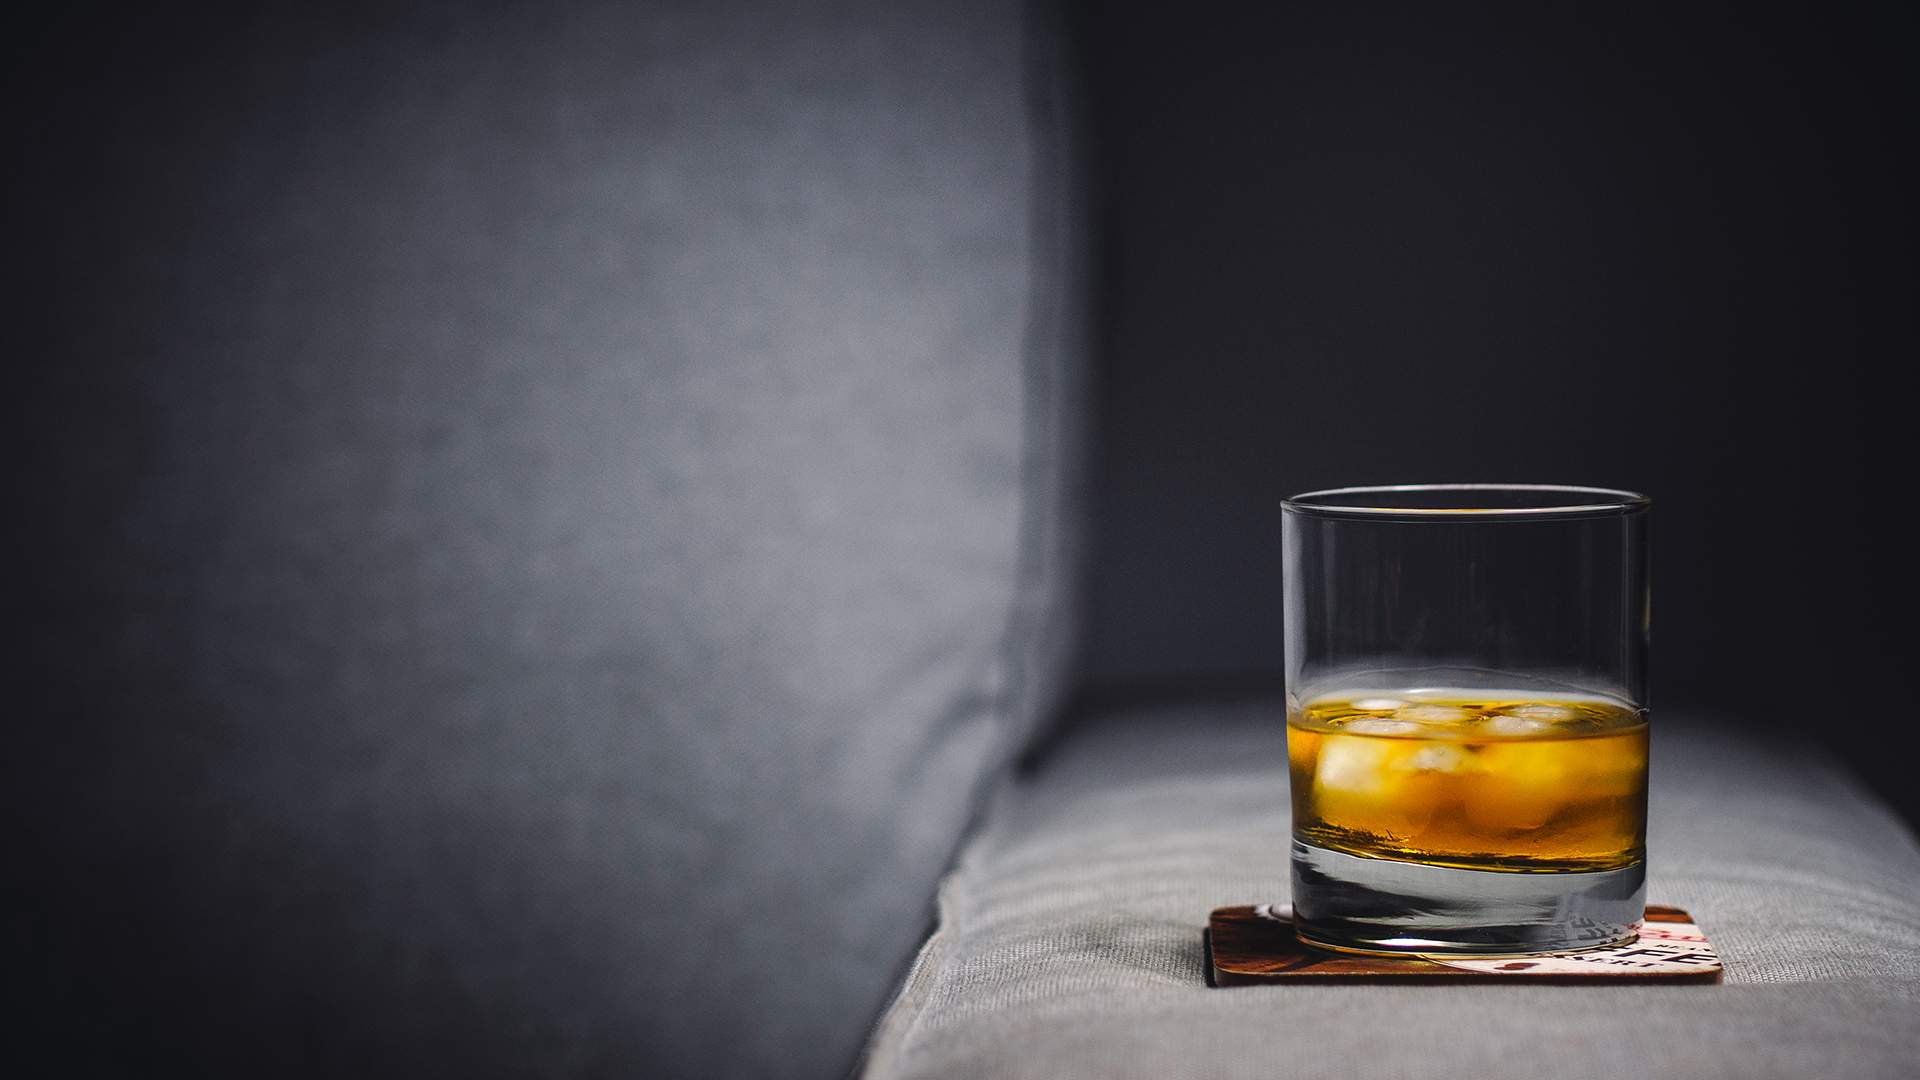 Whisky Tasting In The Dark